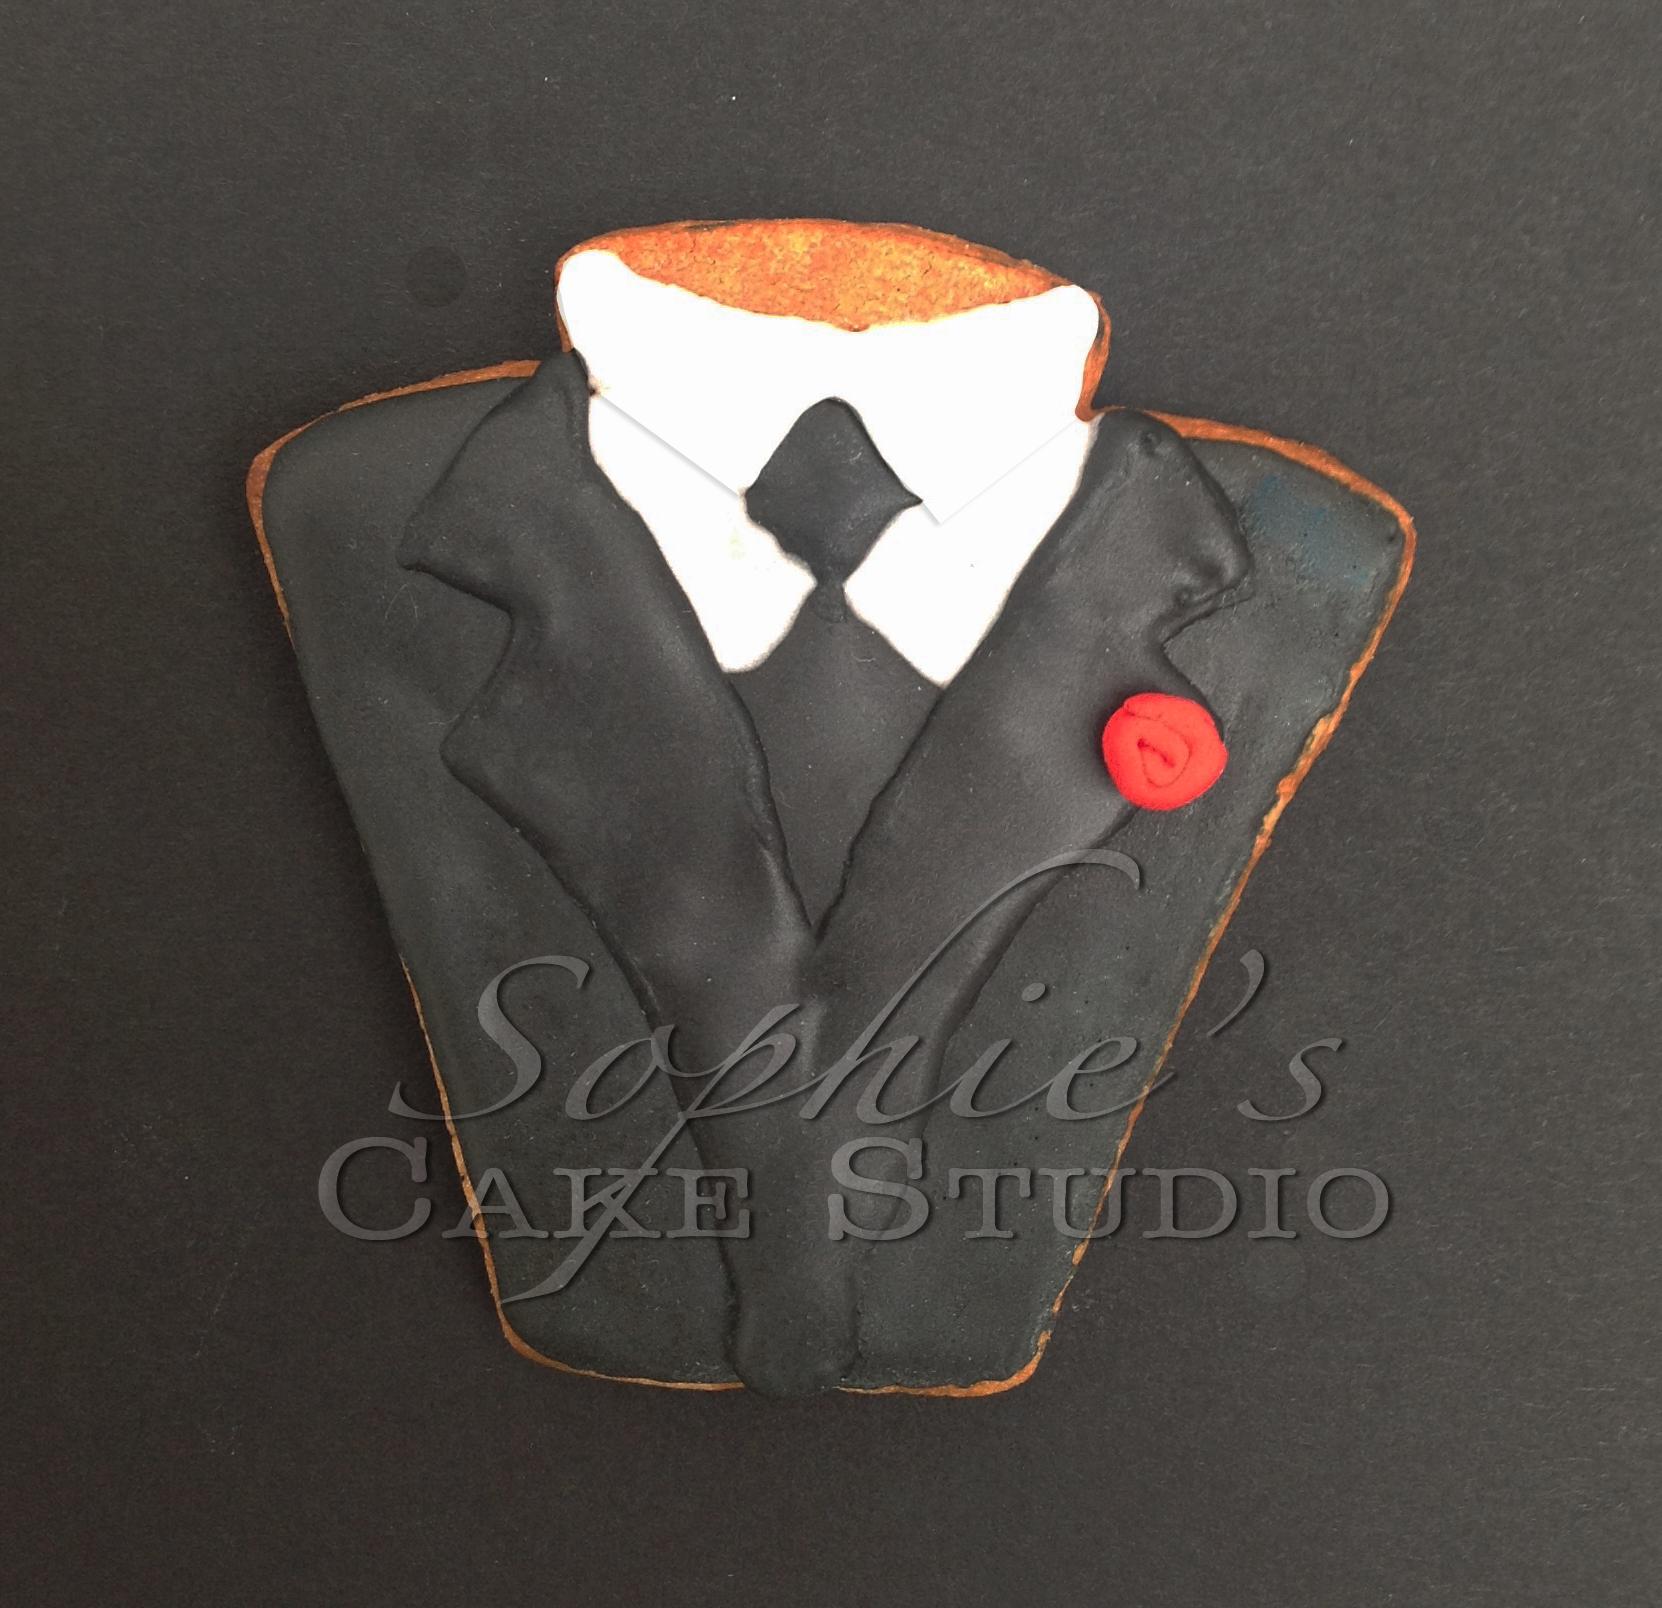 cookie mariage veste watermark.jpg